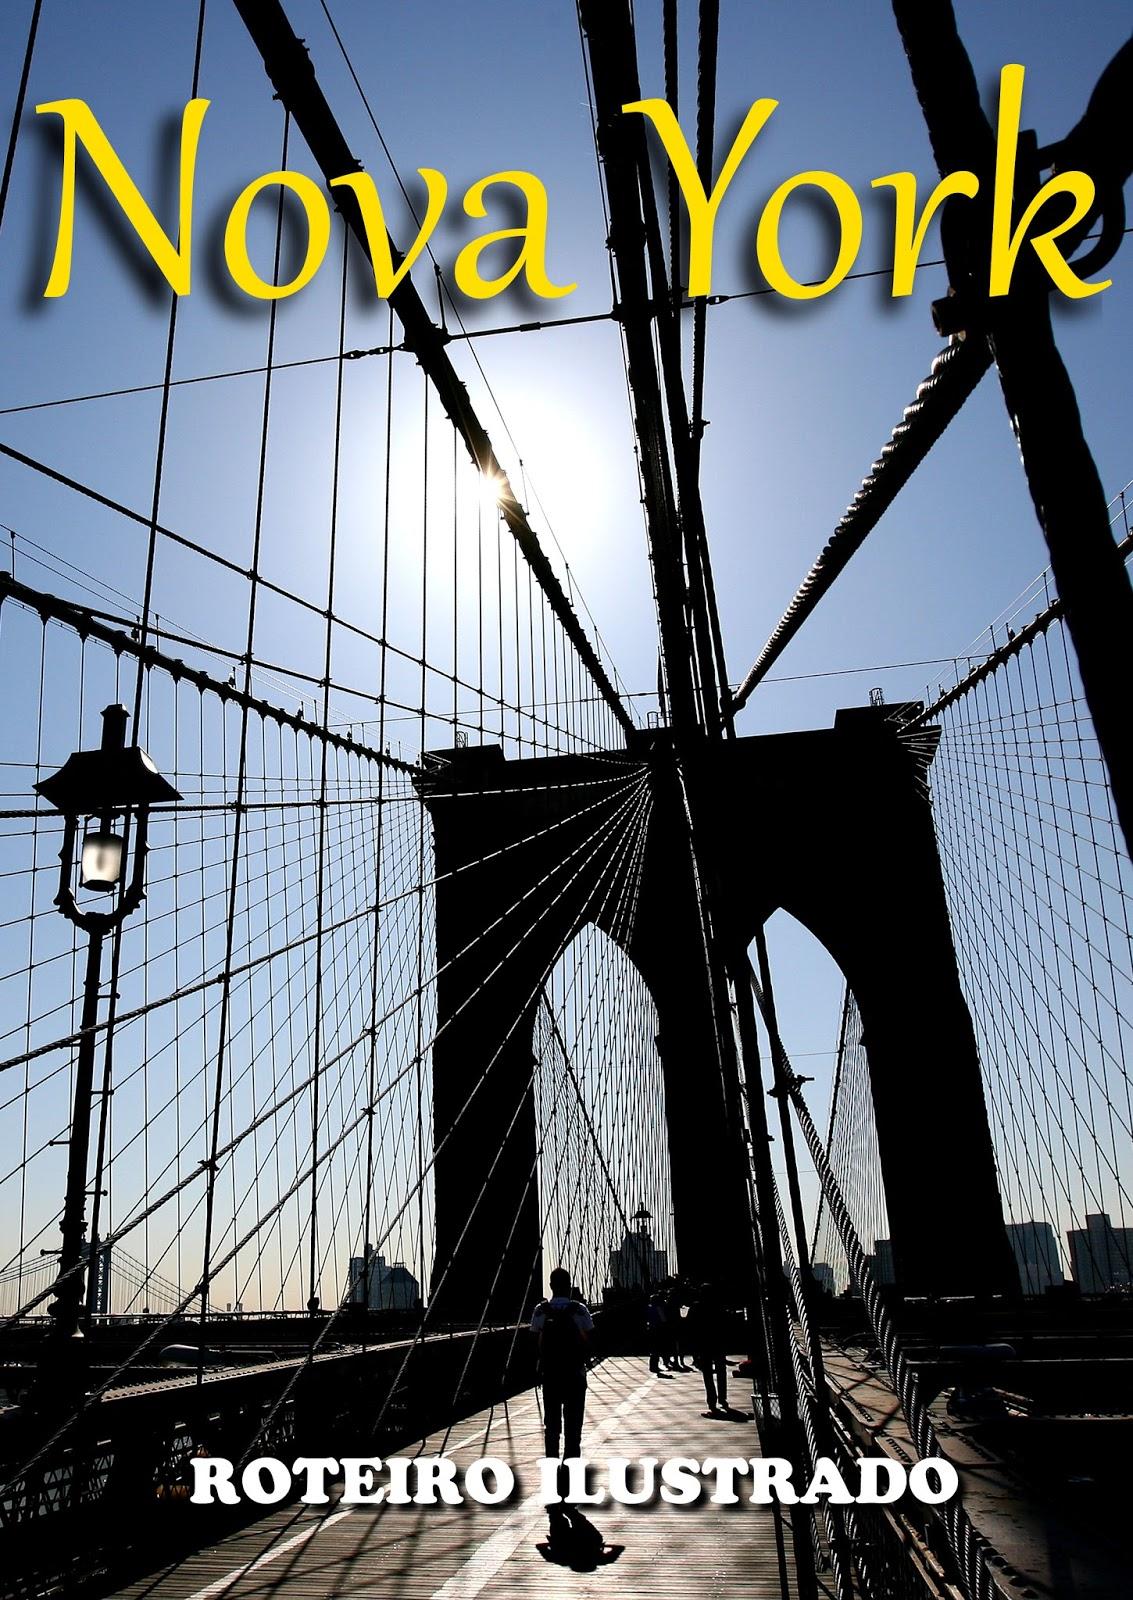 Nova York, fotos de Nova York, roteiro de nova york, viagem para nova york, dicas de nova york